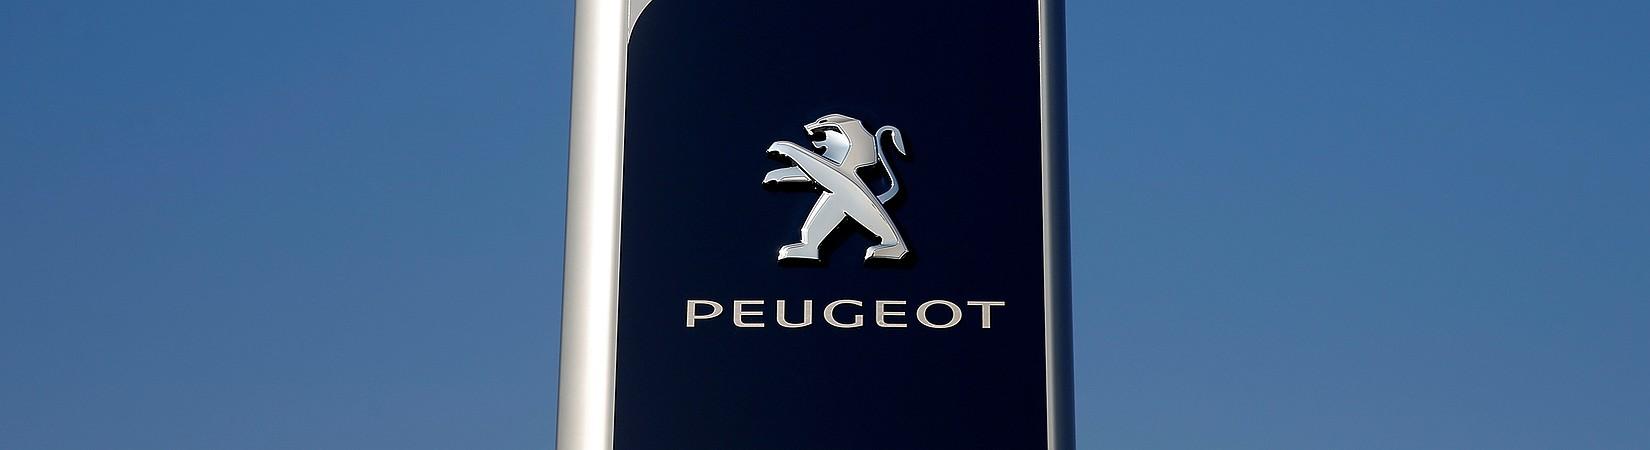 General Motors planea vender Opel a Peugeot